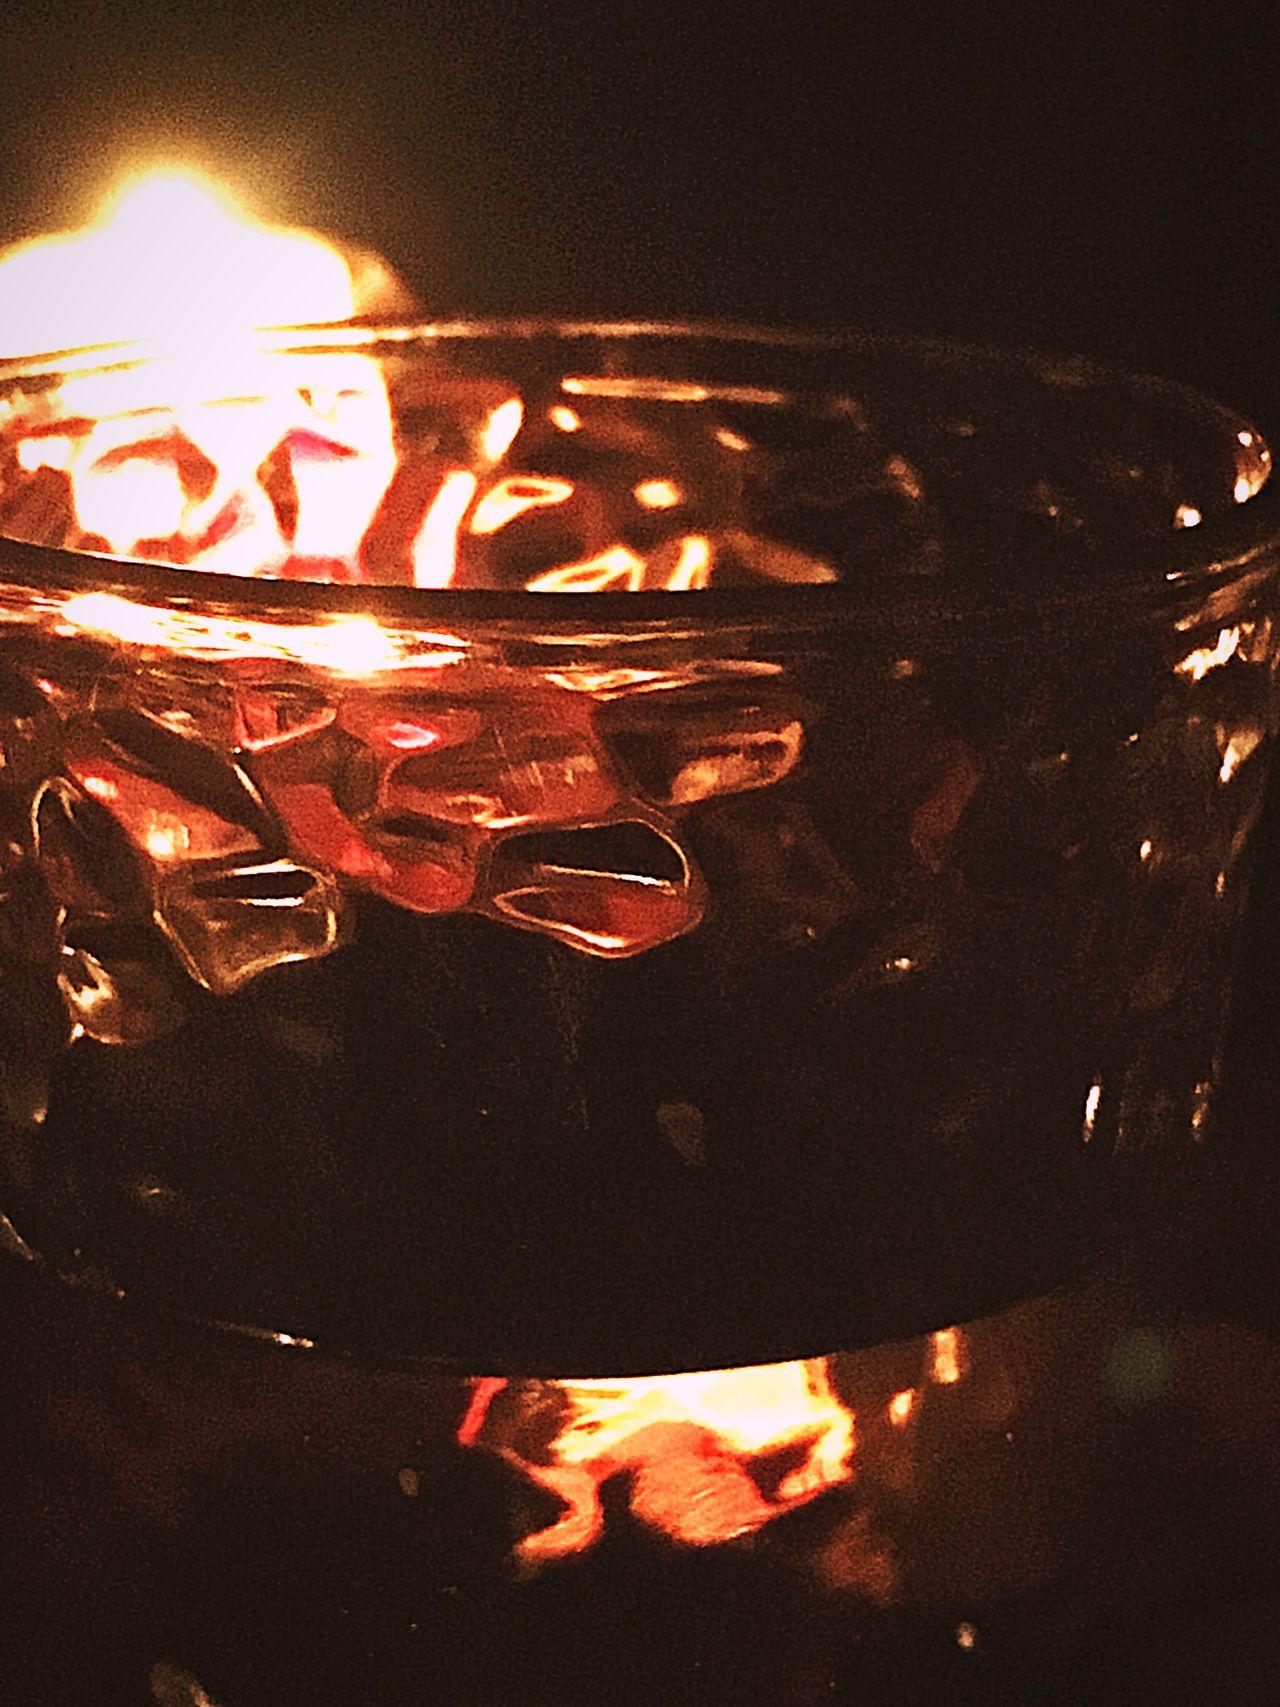 Overnight Success Tranquility Vidrio Y Luz De Vela Pequeño Fuego Noche De Velitas Cena